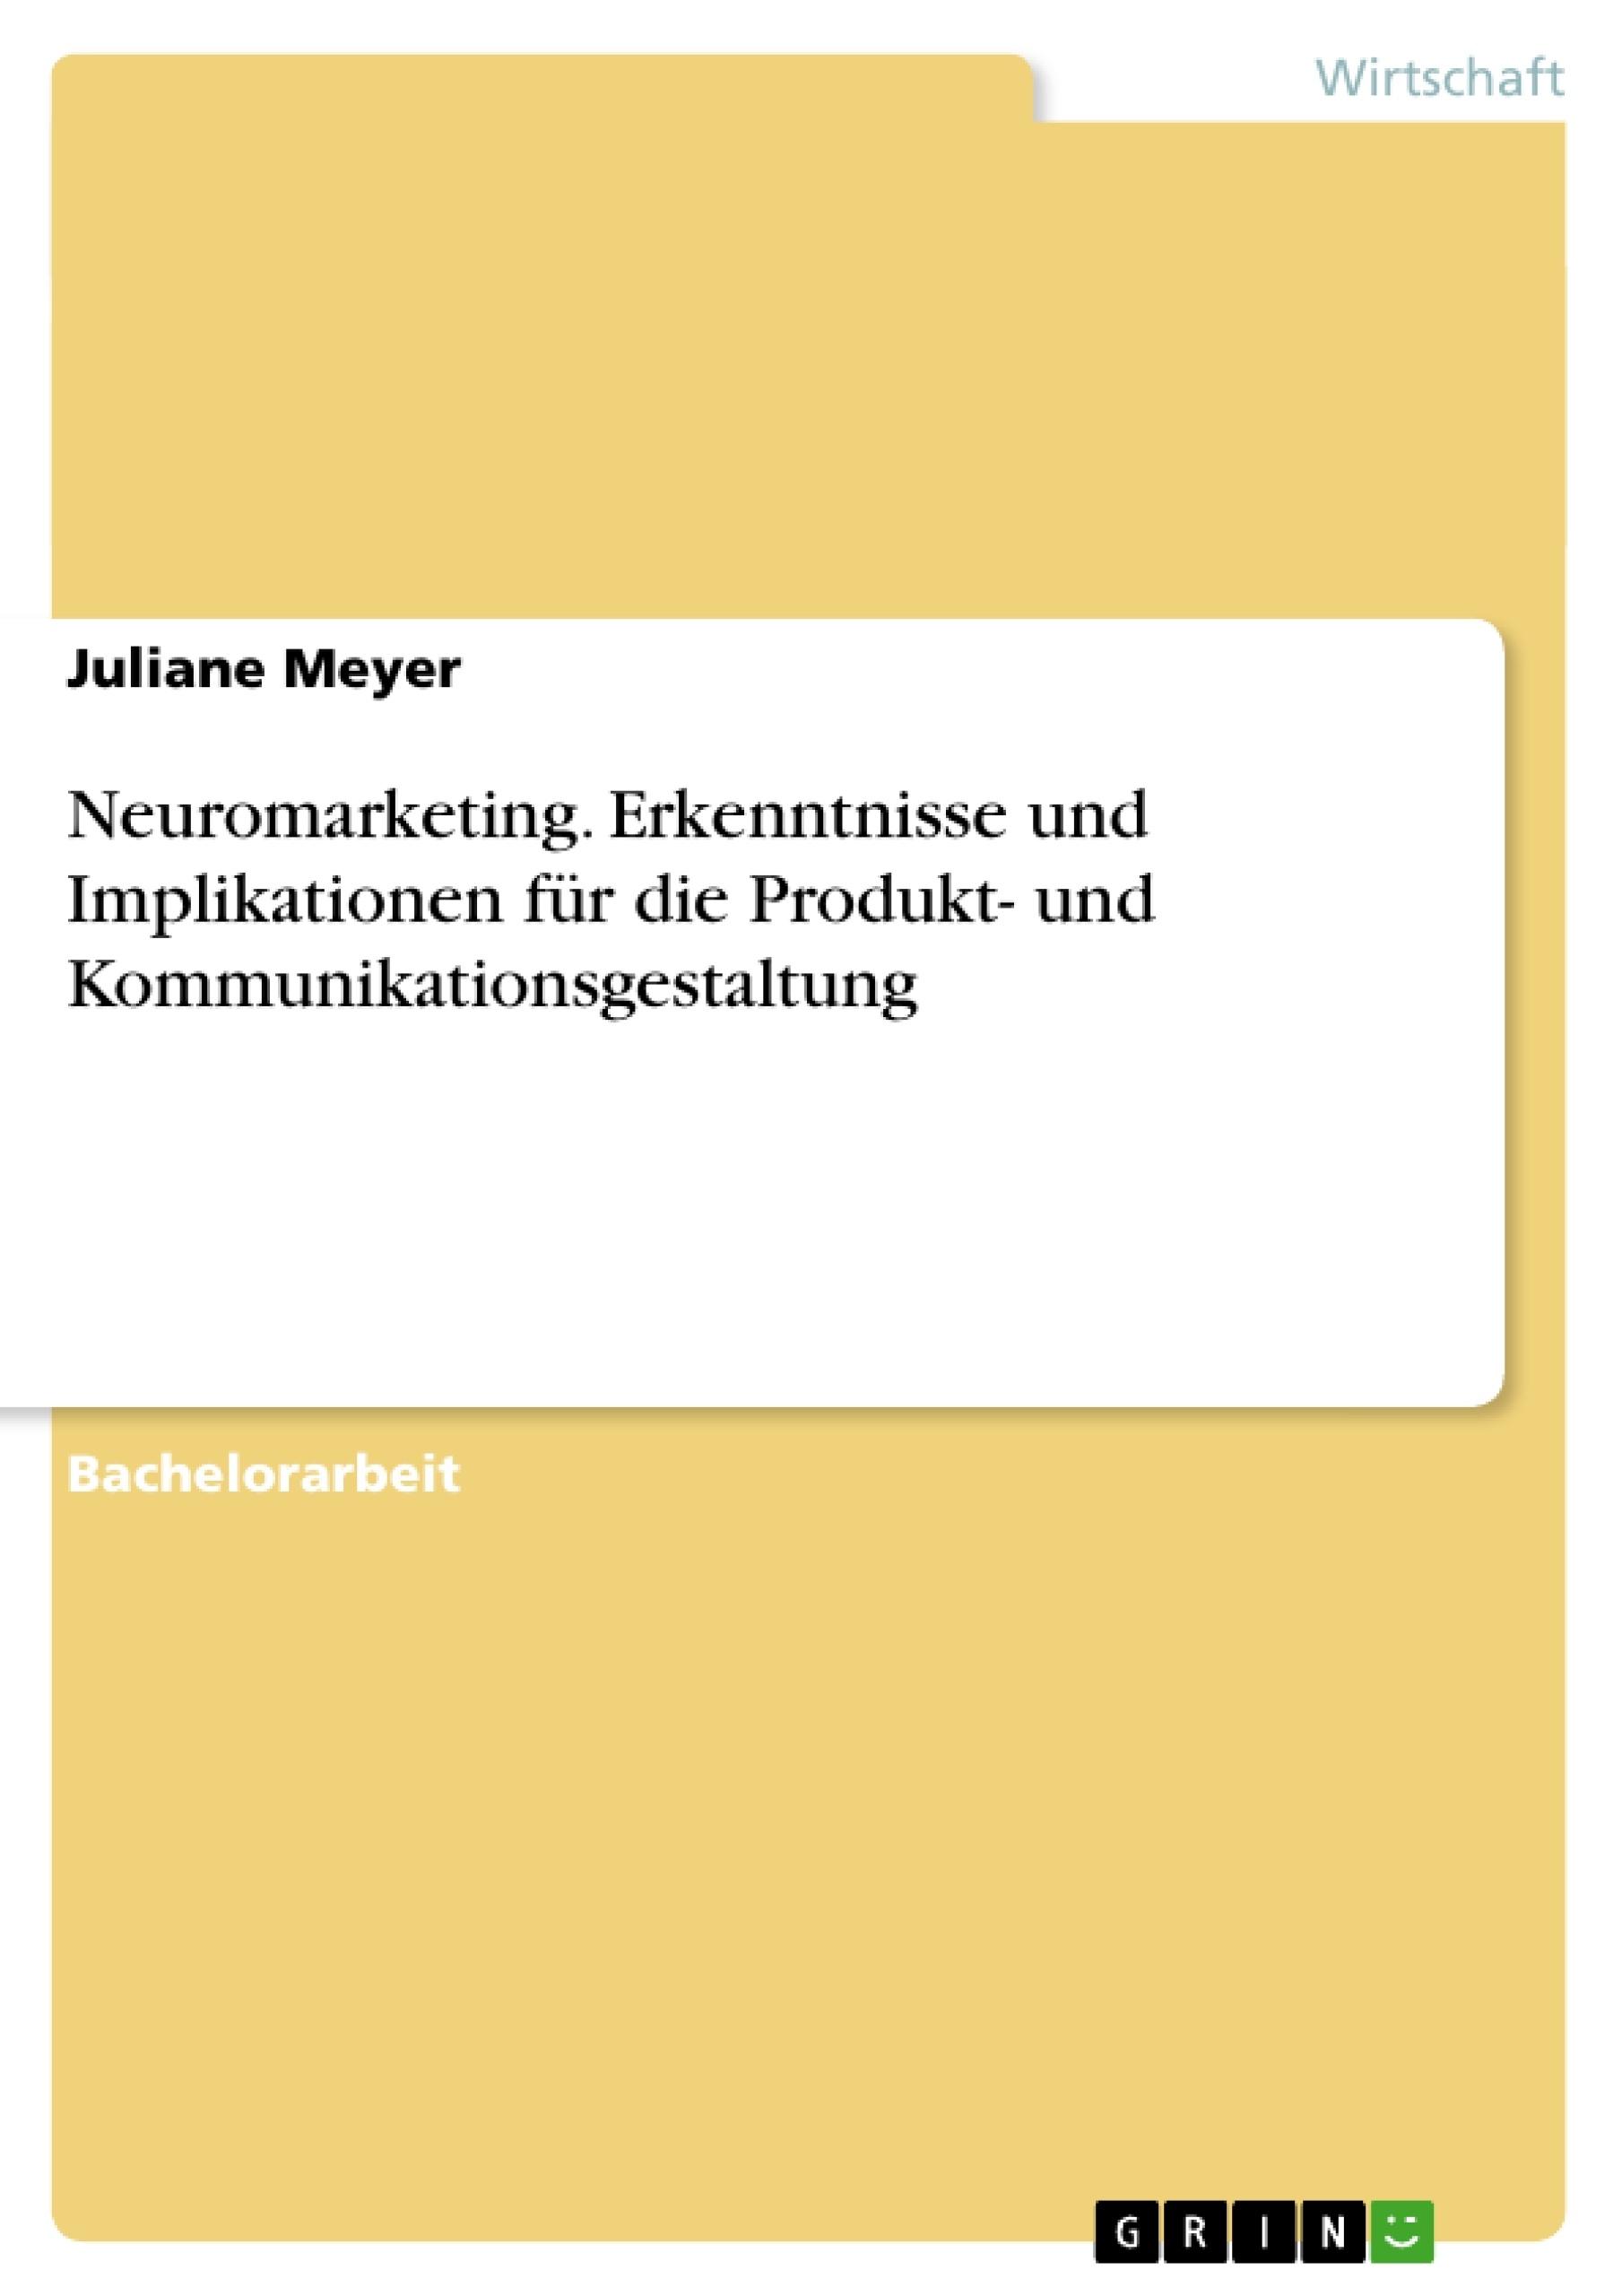 Titel: Neuromarketing. Erkenntnisse und Implikationen für die Produkt- und Kommunikationsgestaltung